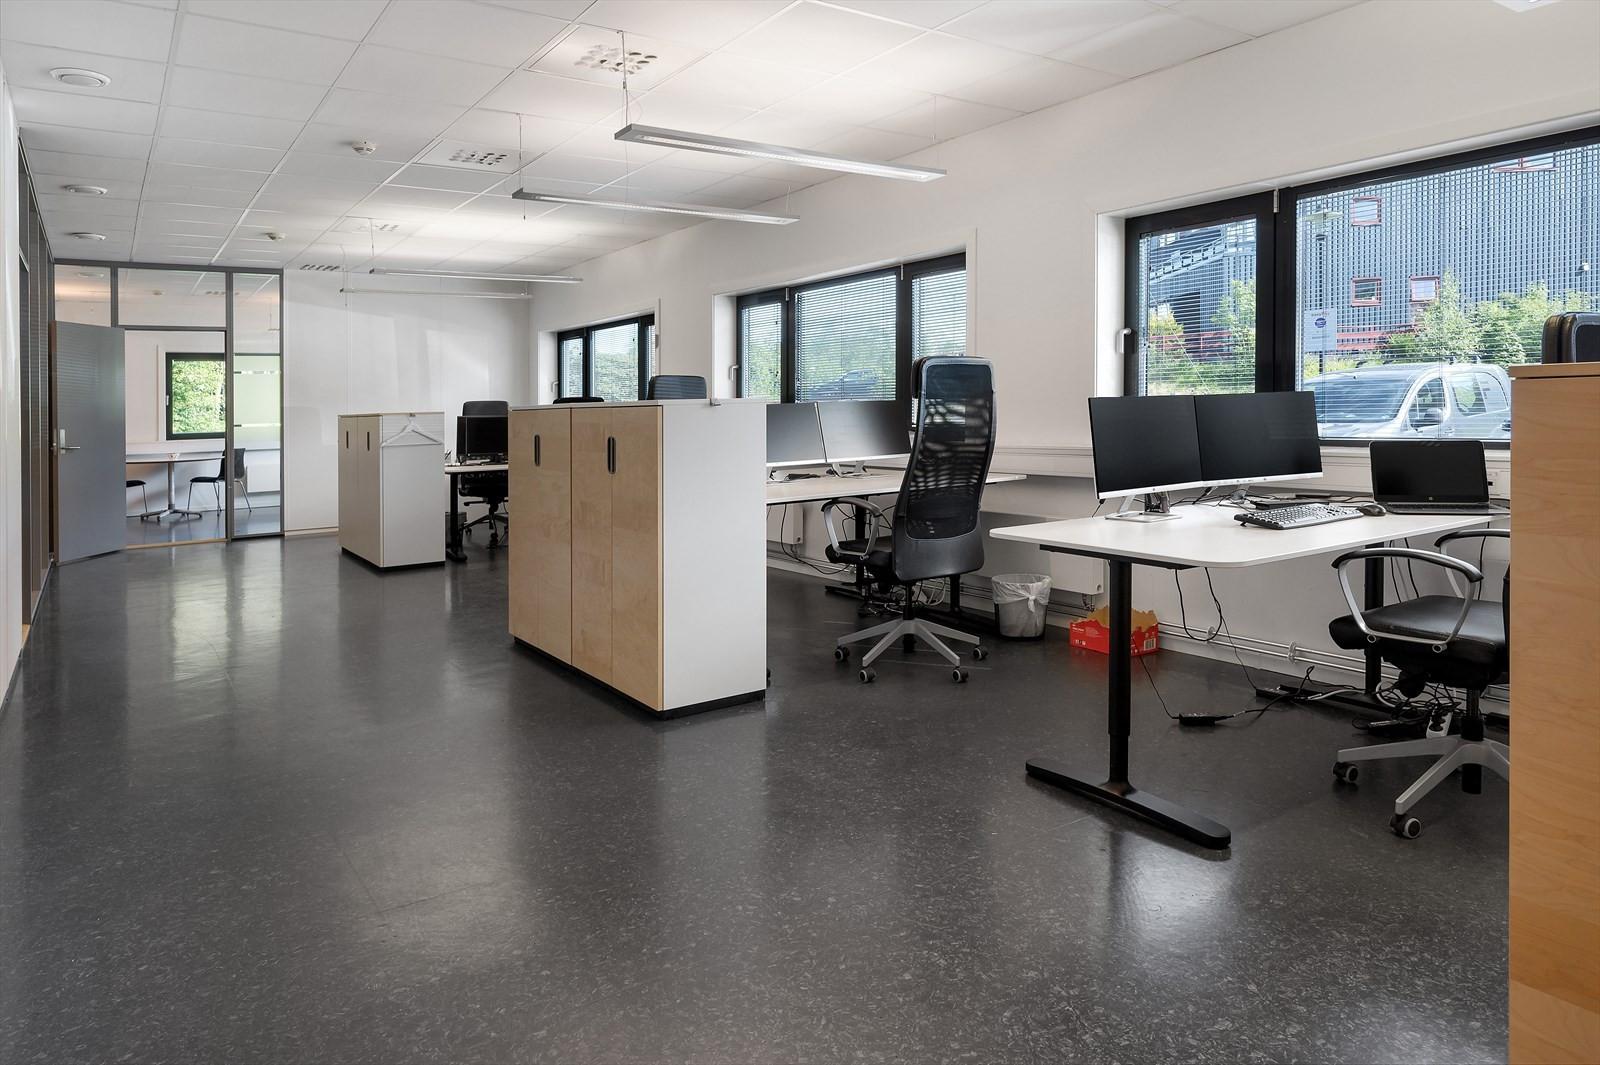 Åpent kontorlandskap med gode lysforhold.